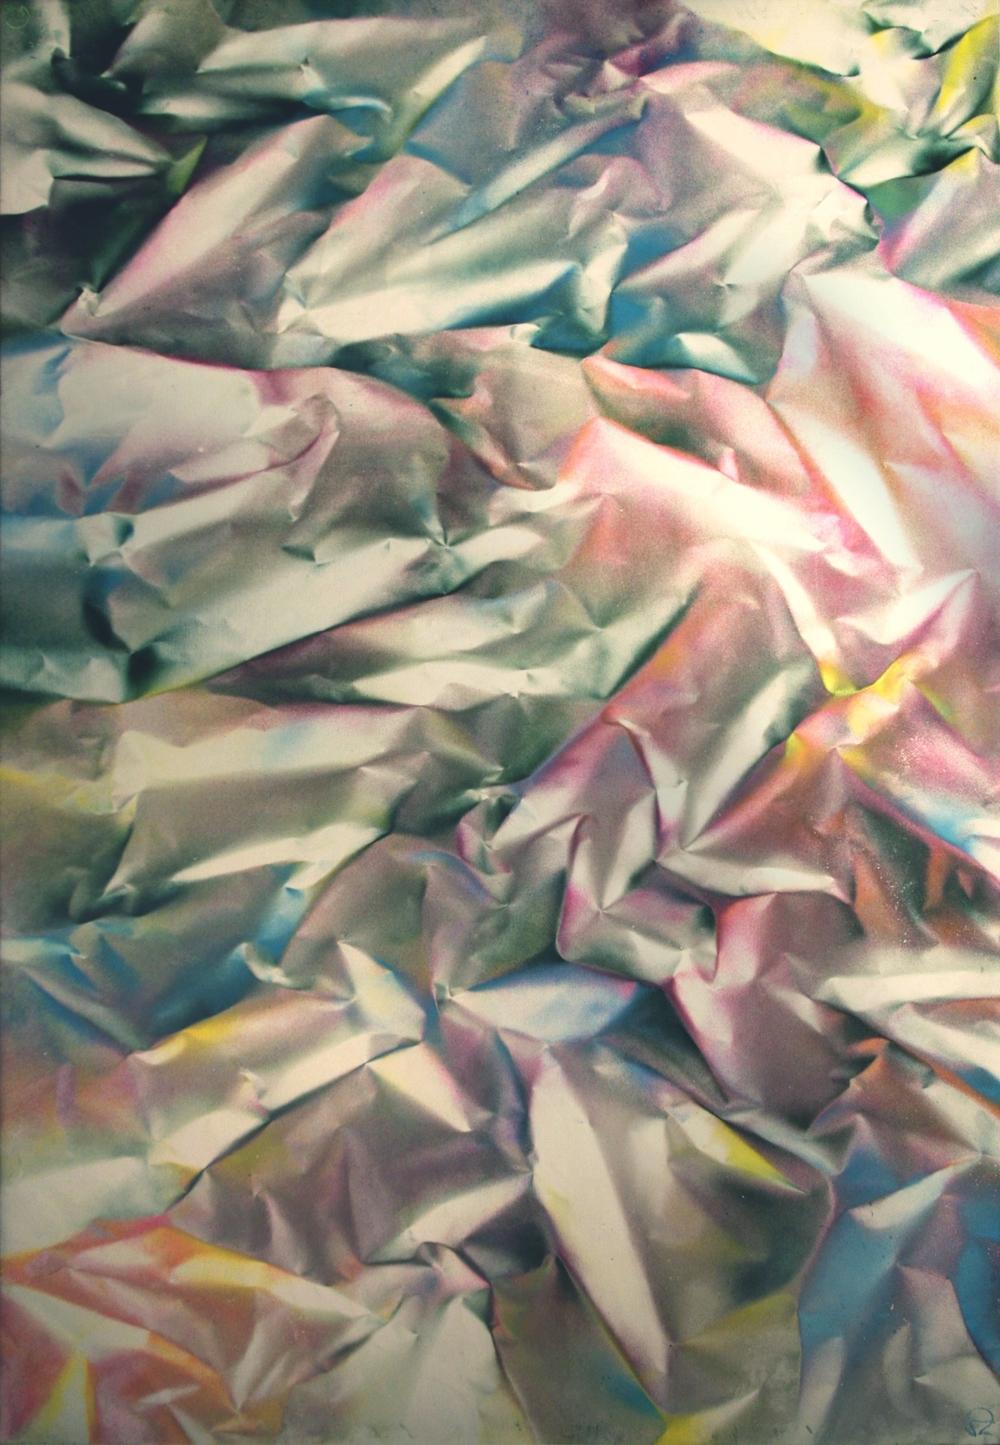 """"""" Terra abstract N°1 """"- Aerosol on canvas - 130cm x 88cm"""